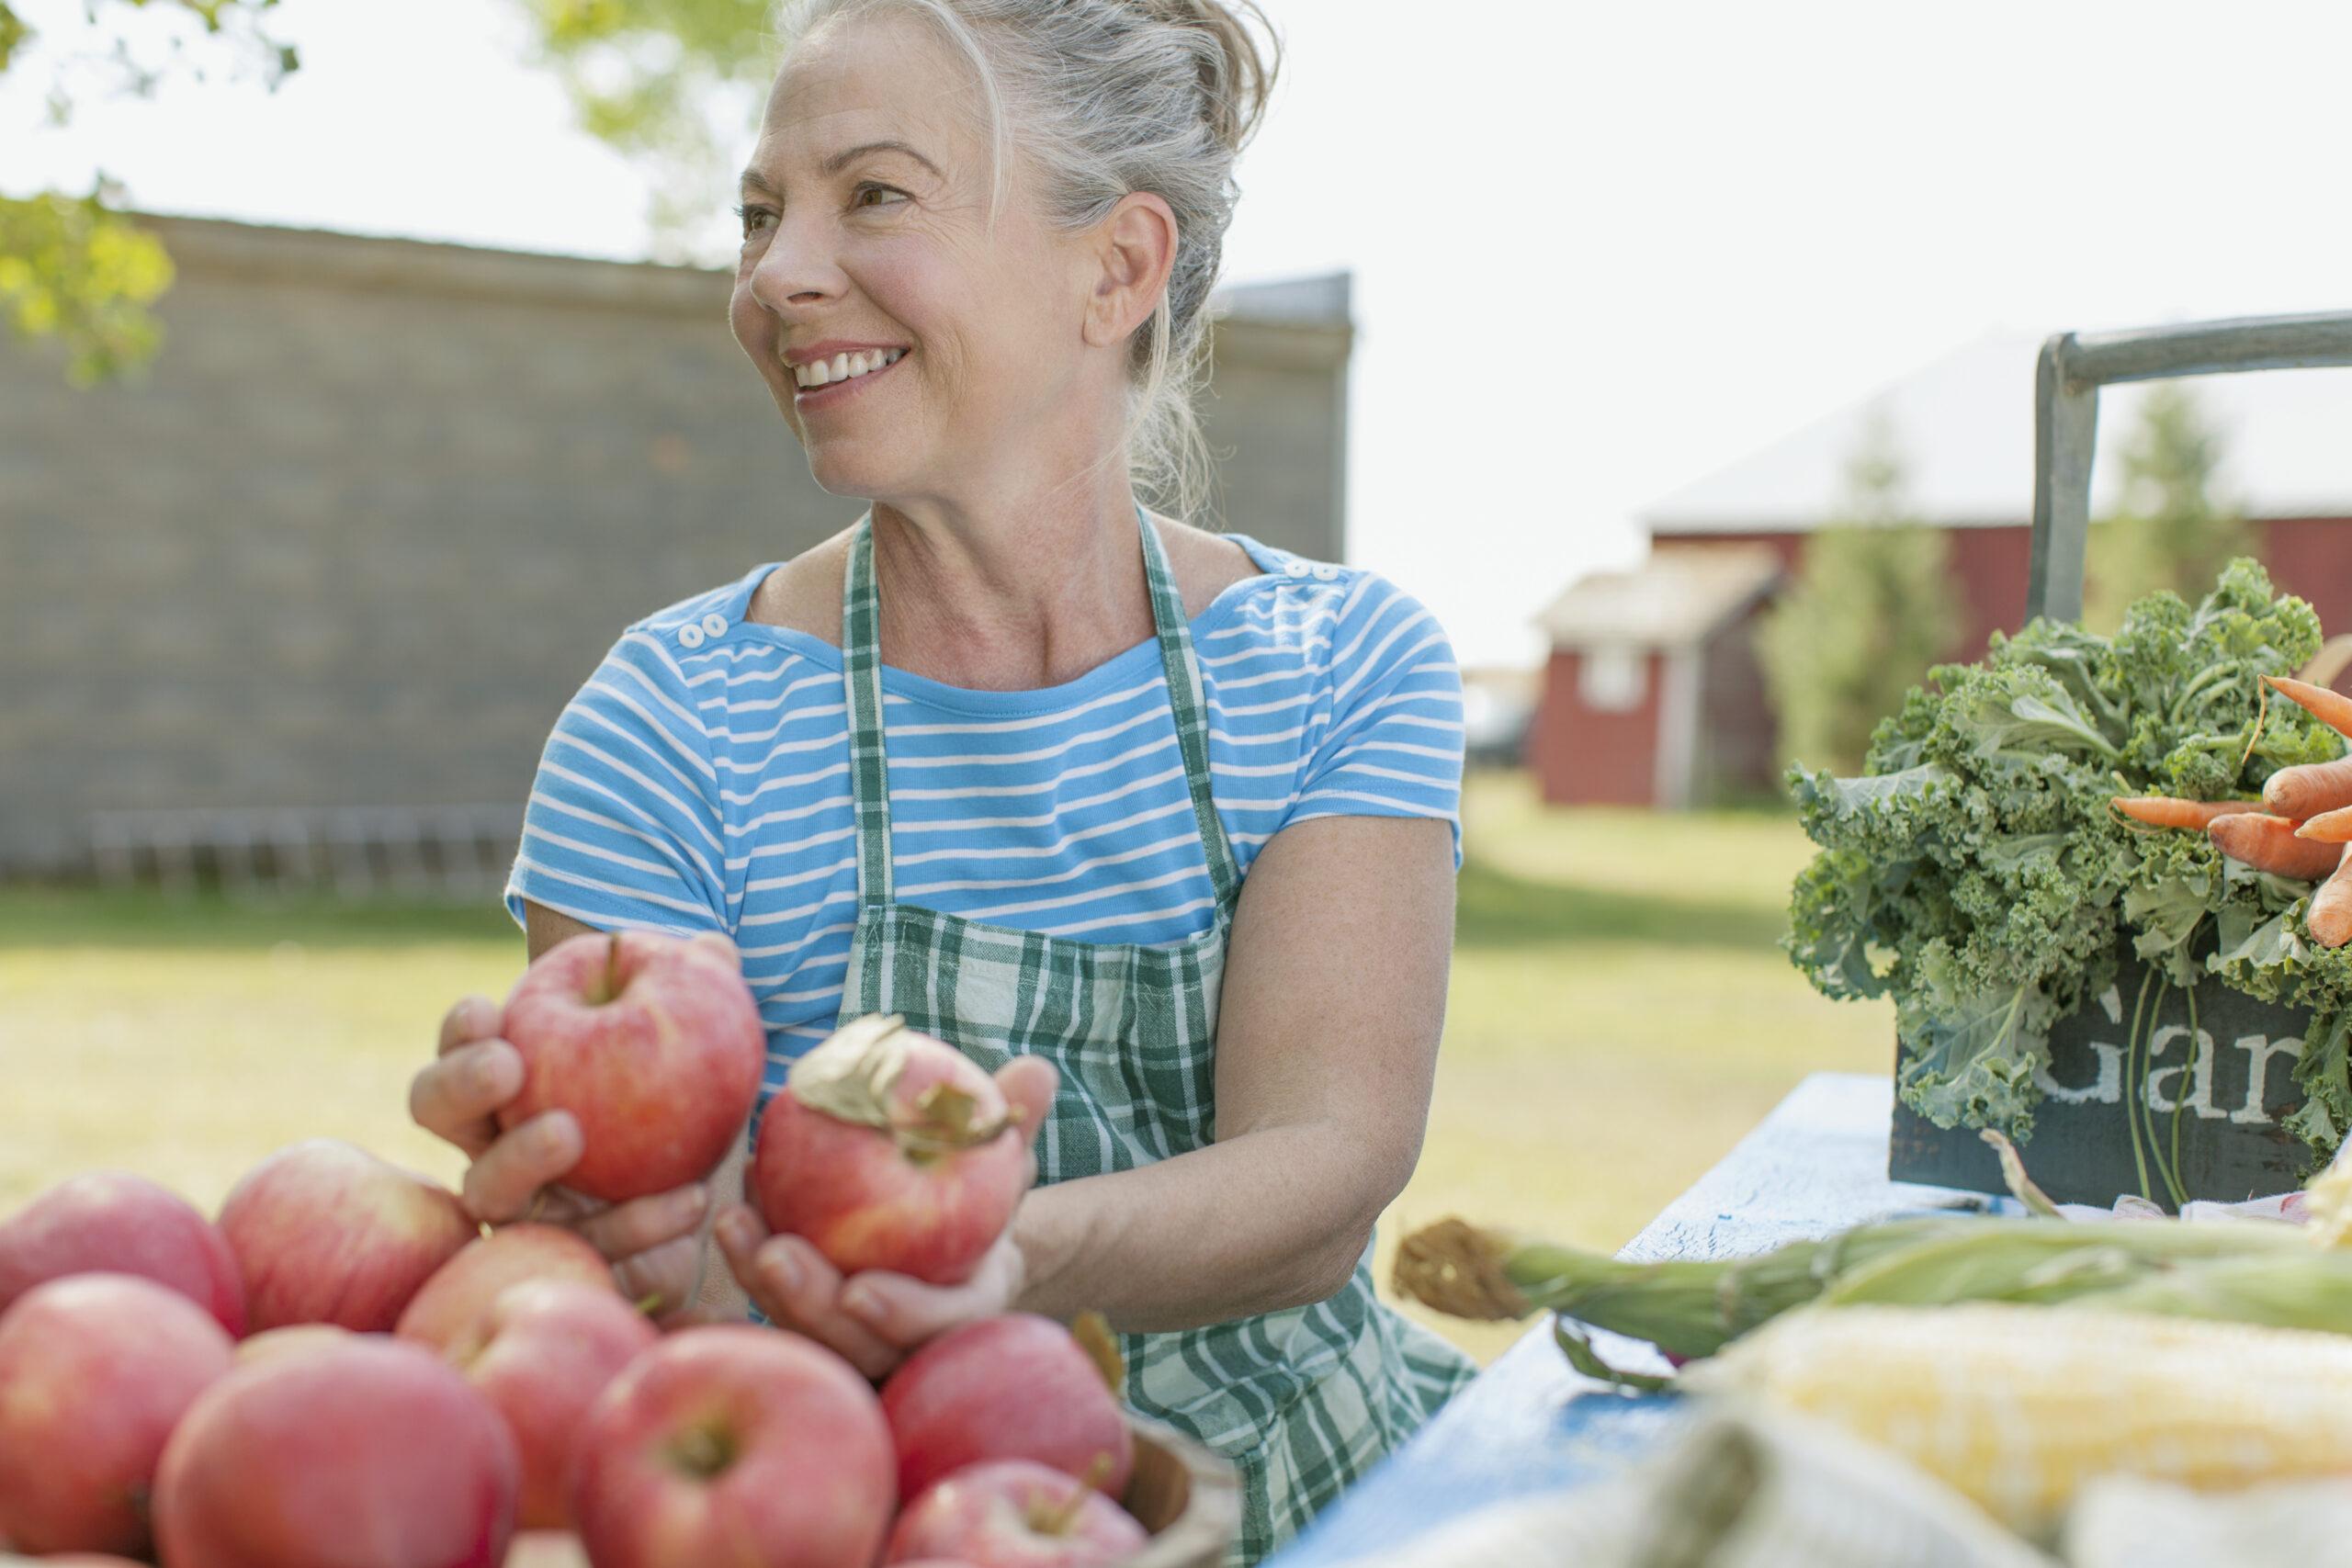 biologisch fruit direct van het land vrouw | BOERgondisch Rotterdam